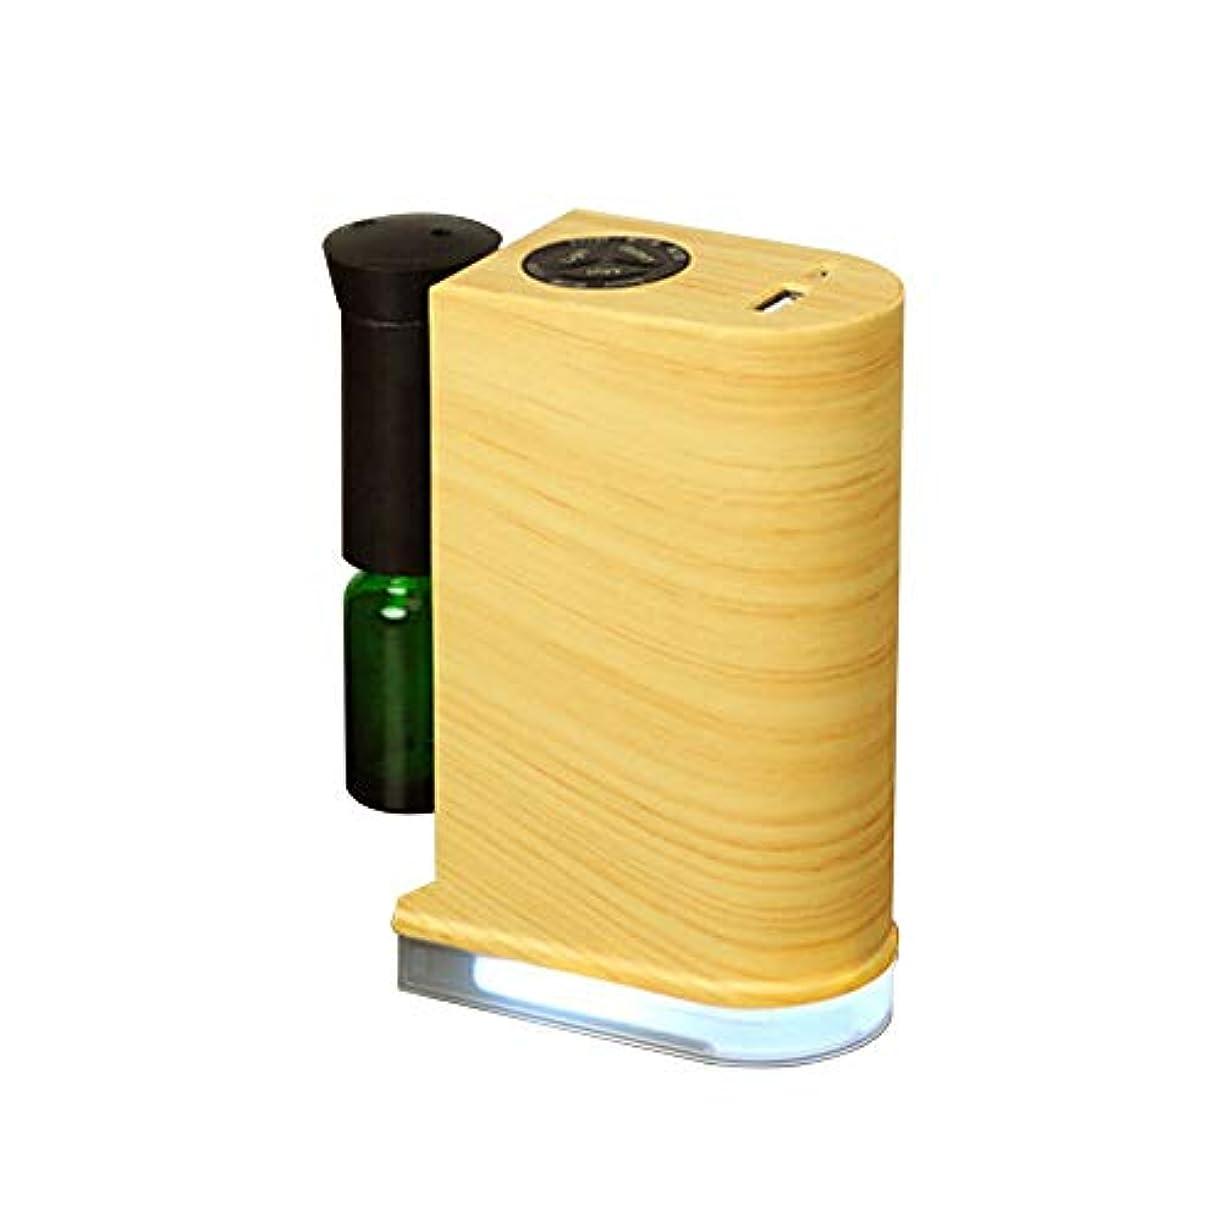 おとなしい下手ムスアロマディフューザー 木目調 ネブライザー式 USBポート付き 癒しの空間 卓上 アロマライト アロマオイル スマホ充電可能 オフィス リビング ナチュラル